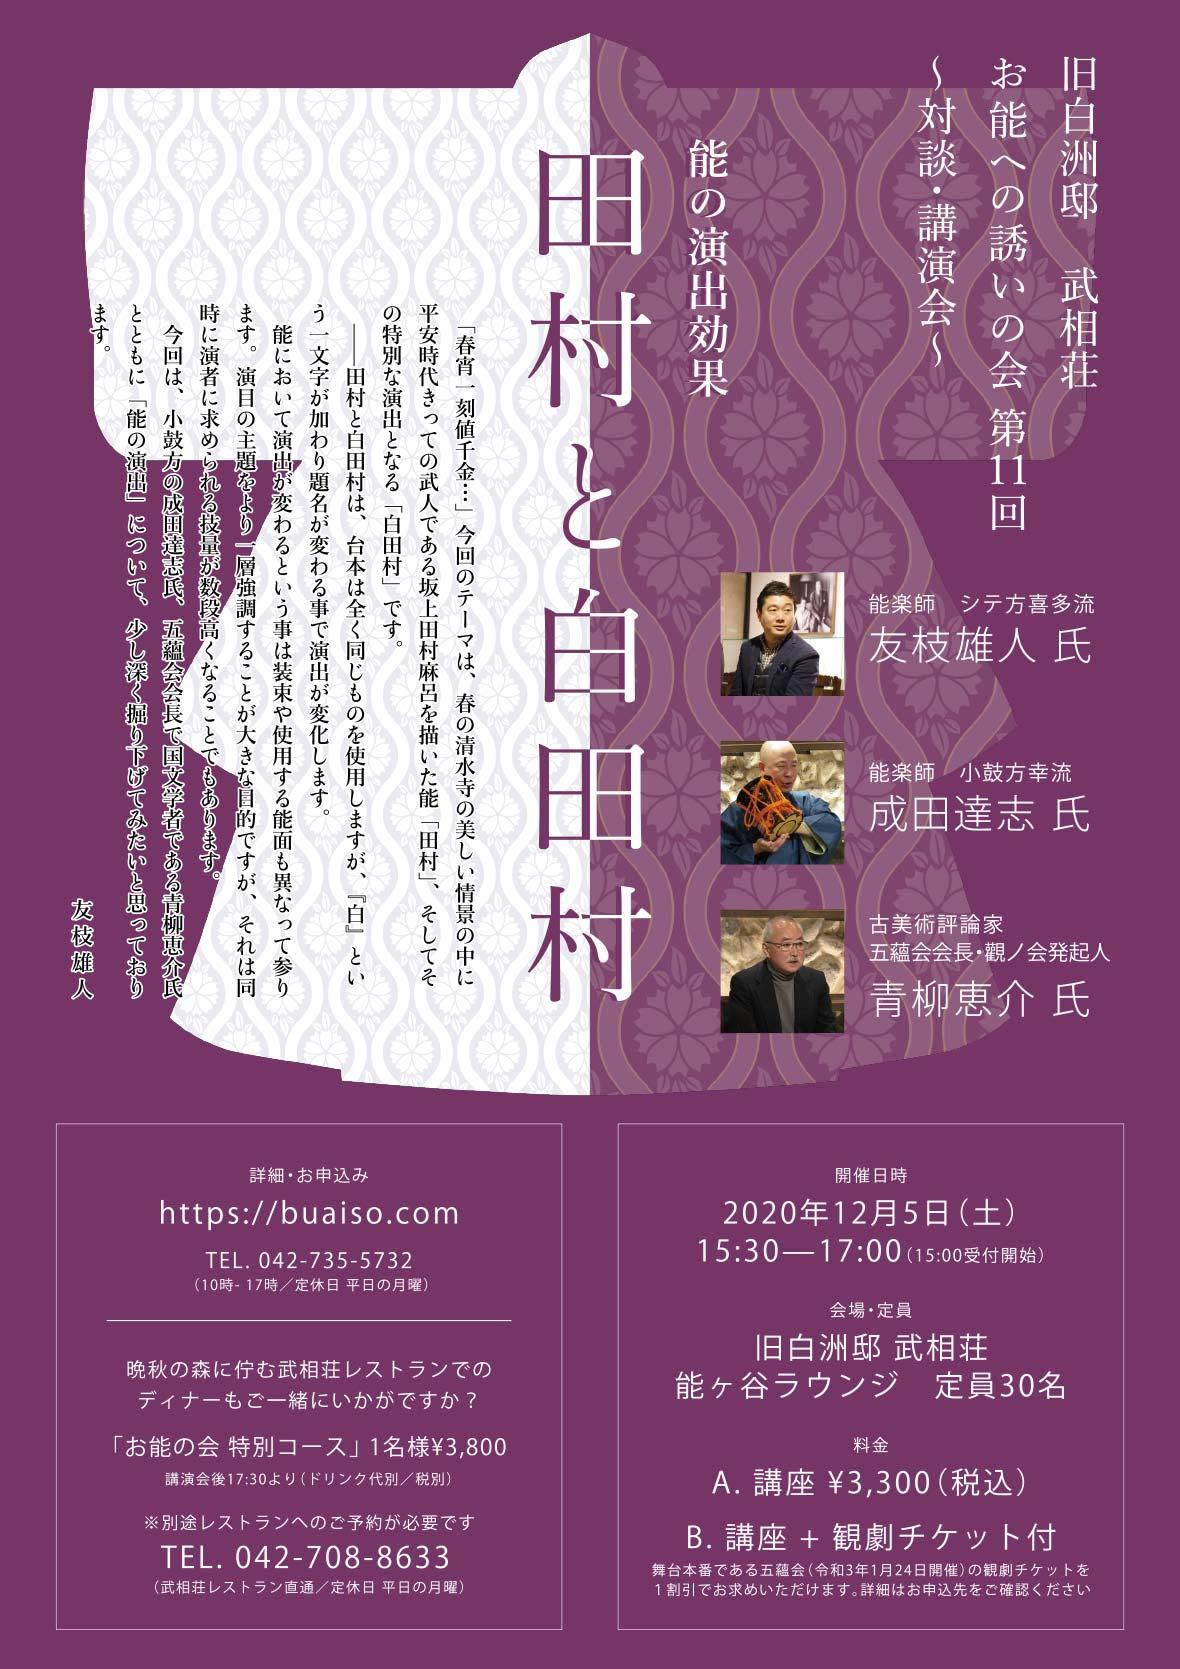 チラシ画像 武相荘お能への誘いの会 第11回「能の演出効果 ——田村と白田村」